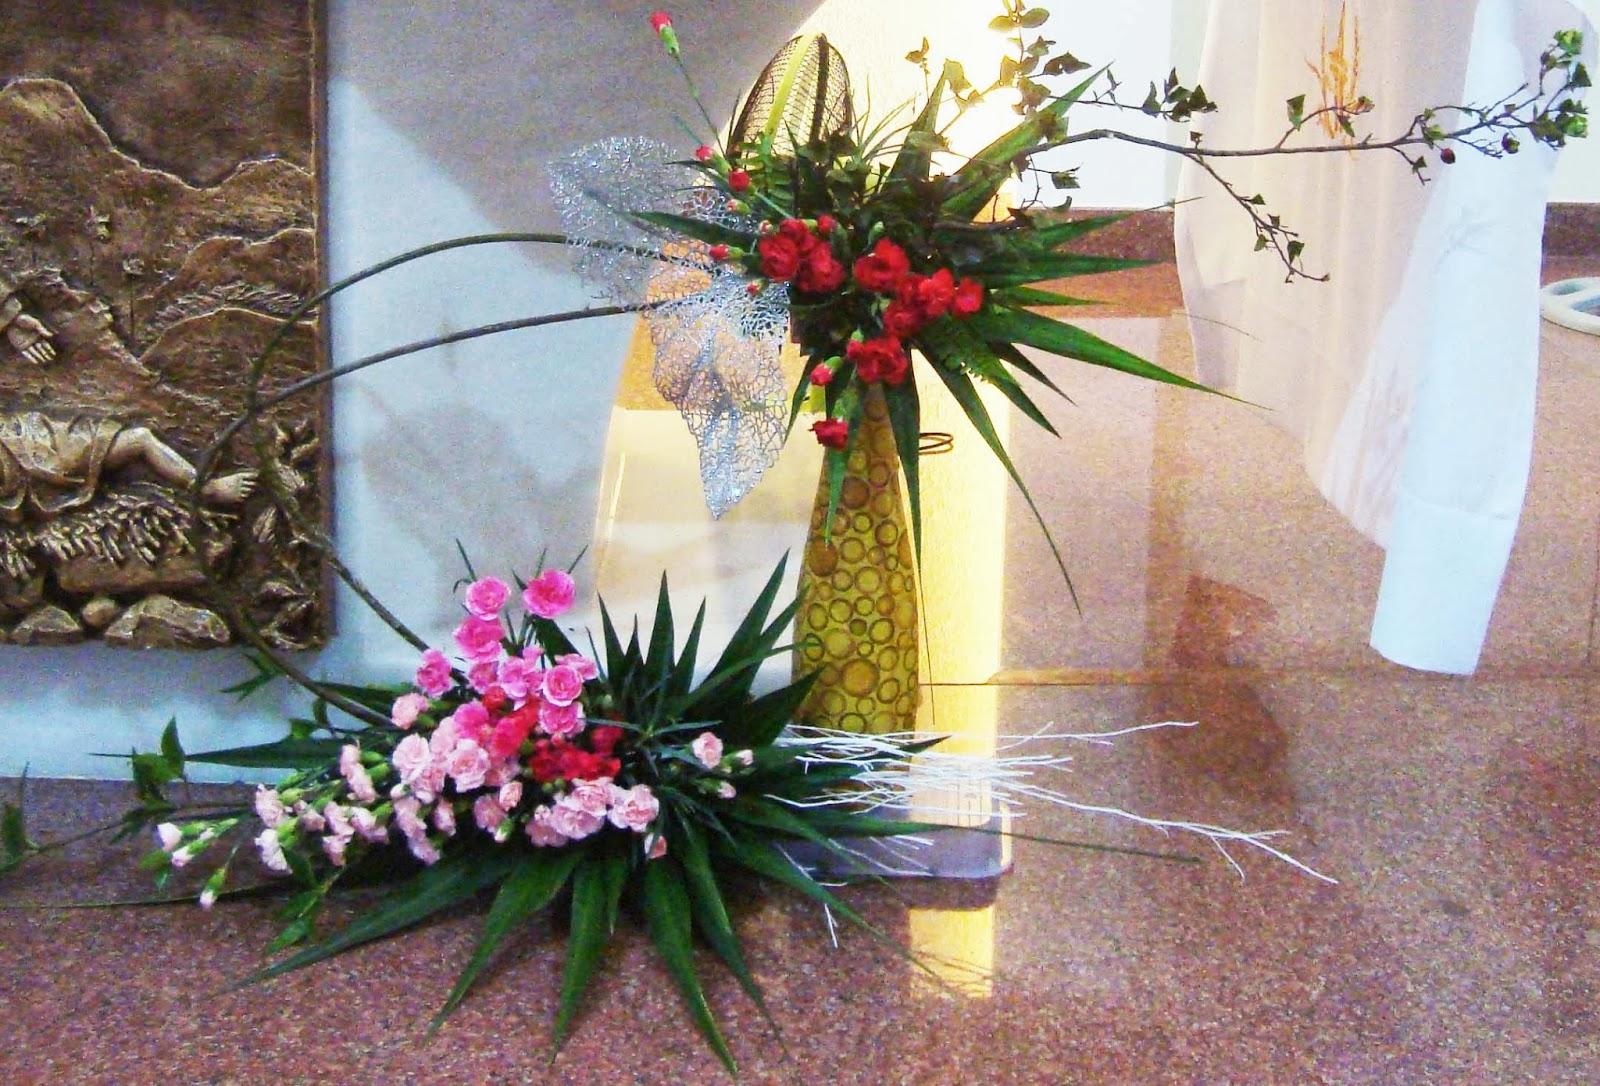 Chuyện của những chàng trai cắm hoa nhà thờ